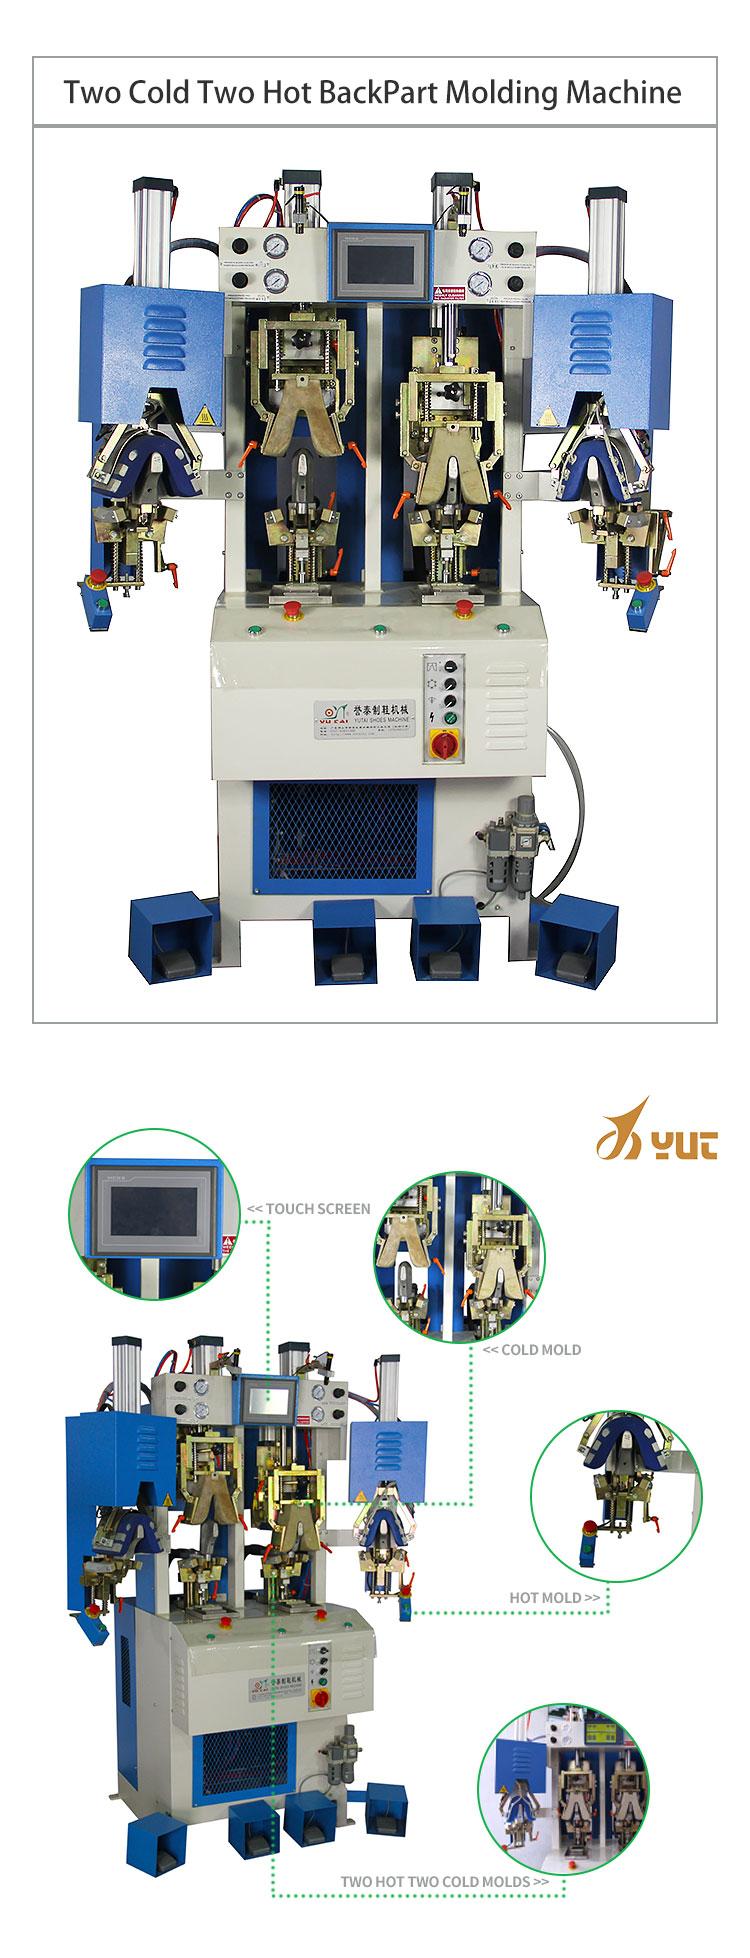 YT-866 Foshan zapato contra moldeo por máquina de frío y caliente parte de la máquina de moldeo